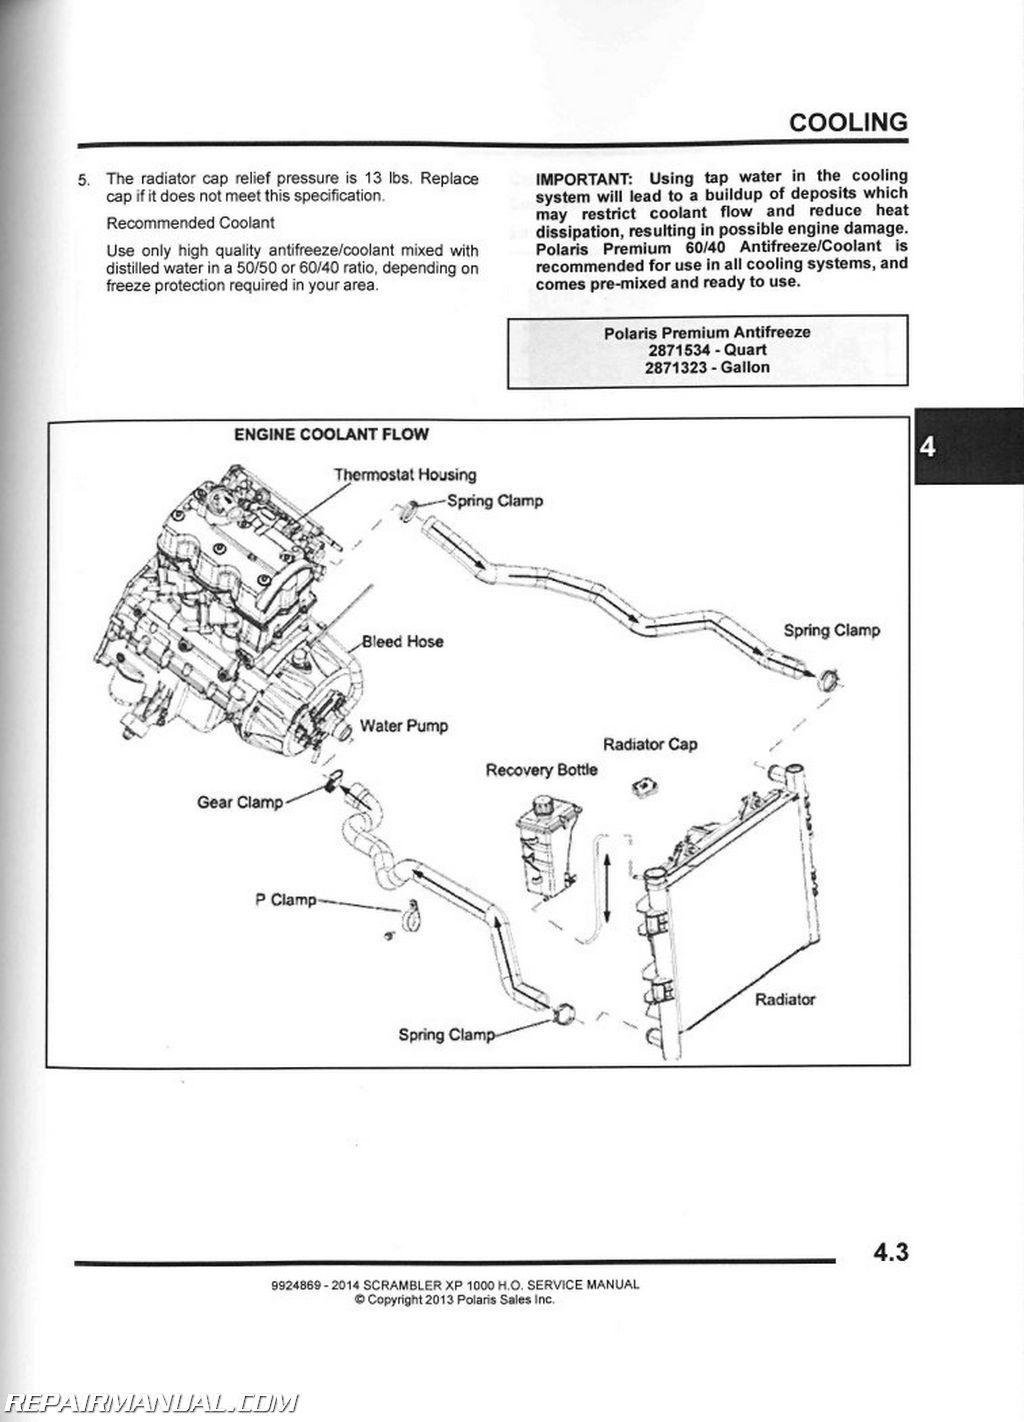 2014 Polaris Rzr 800 Wiring Diagram 2014 Polaris Scrambler Xp 1000 Ho Atv Service Manual